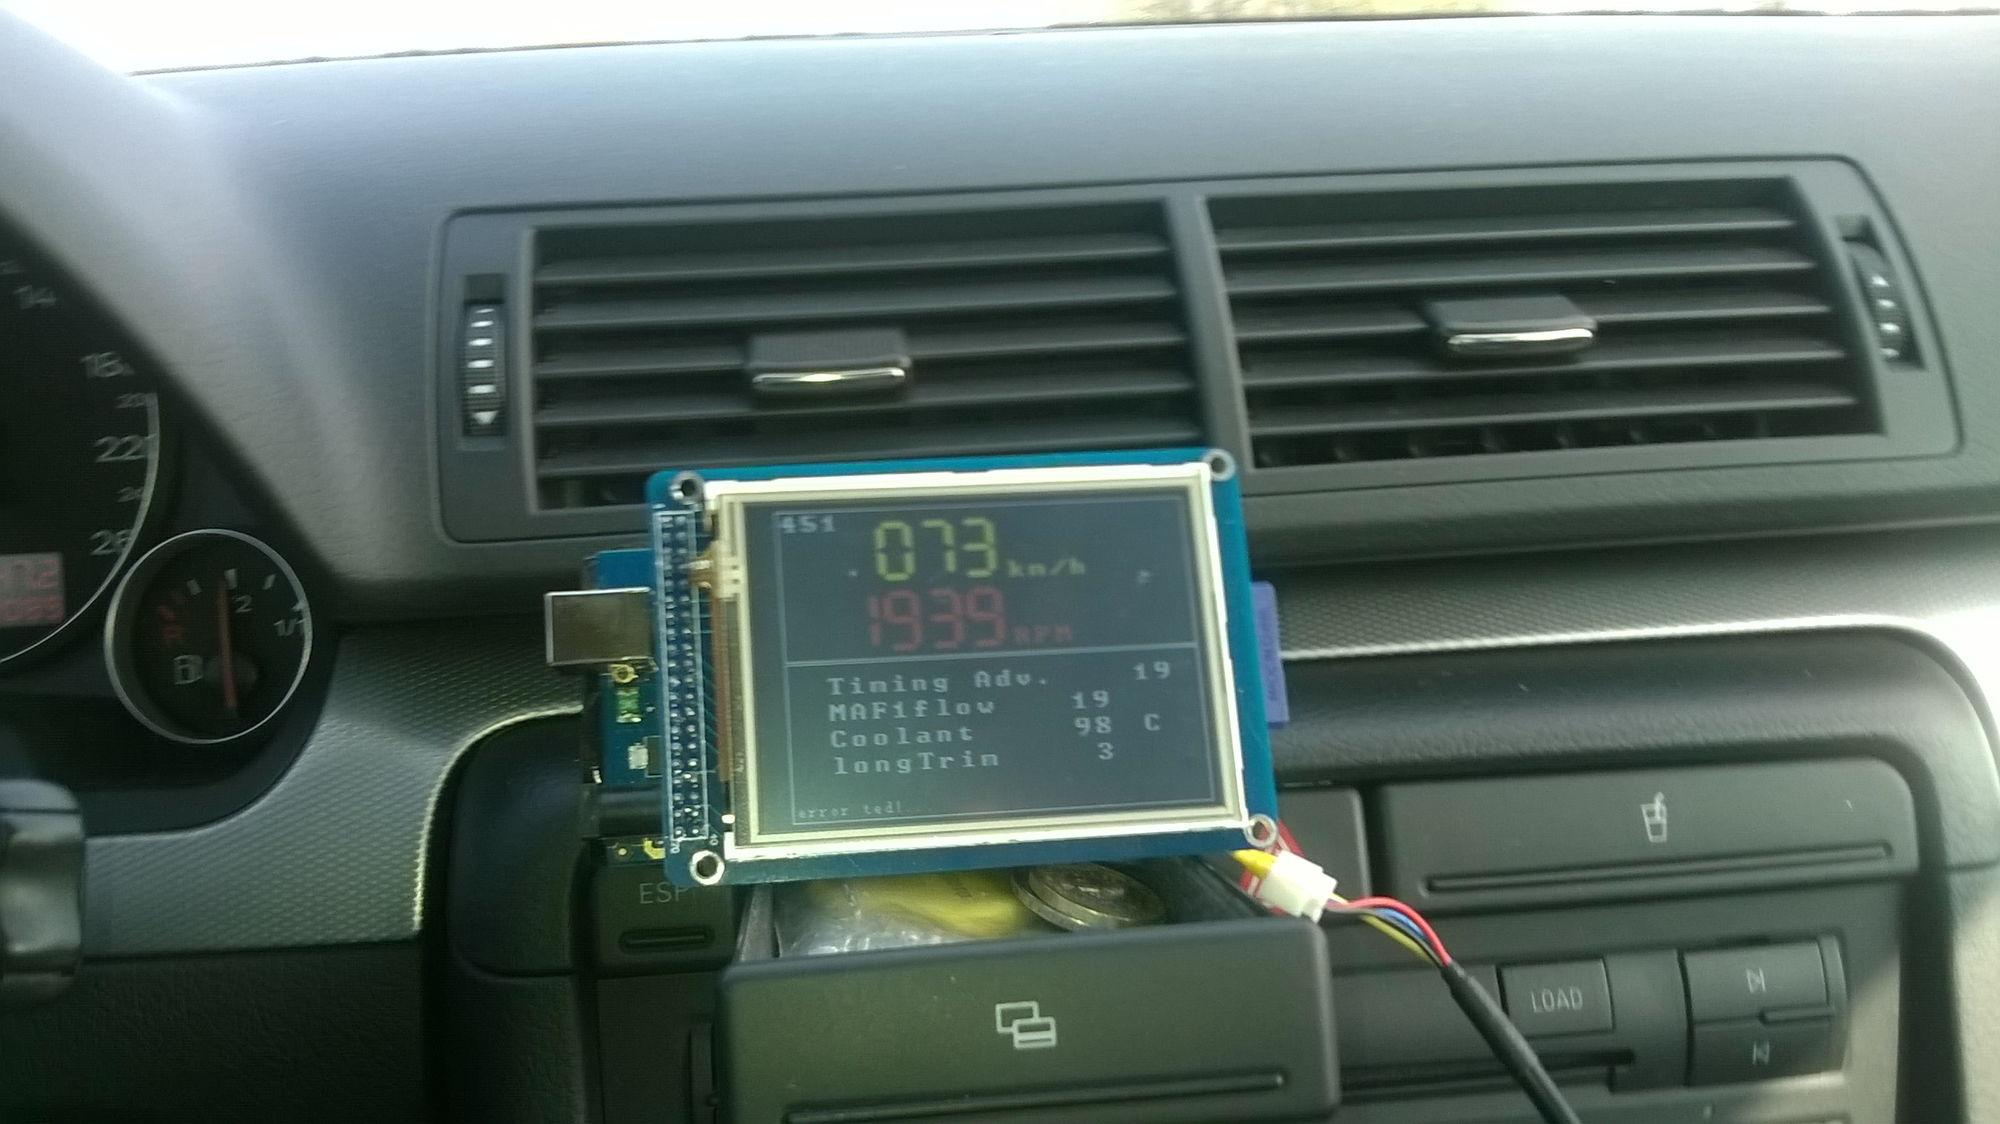 Vag Com Raspberrypi Arduino Sensors Audiworld